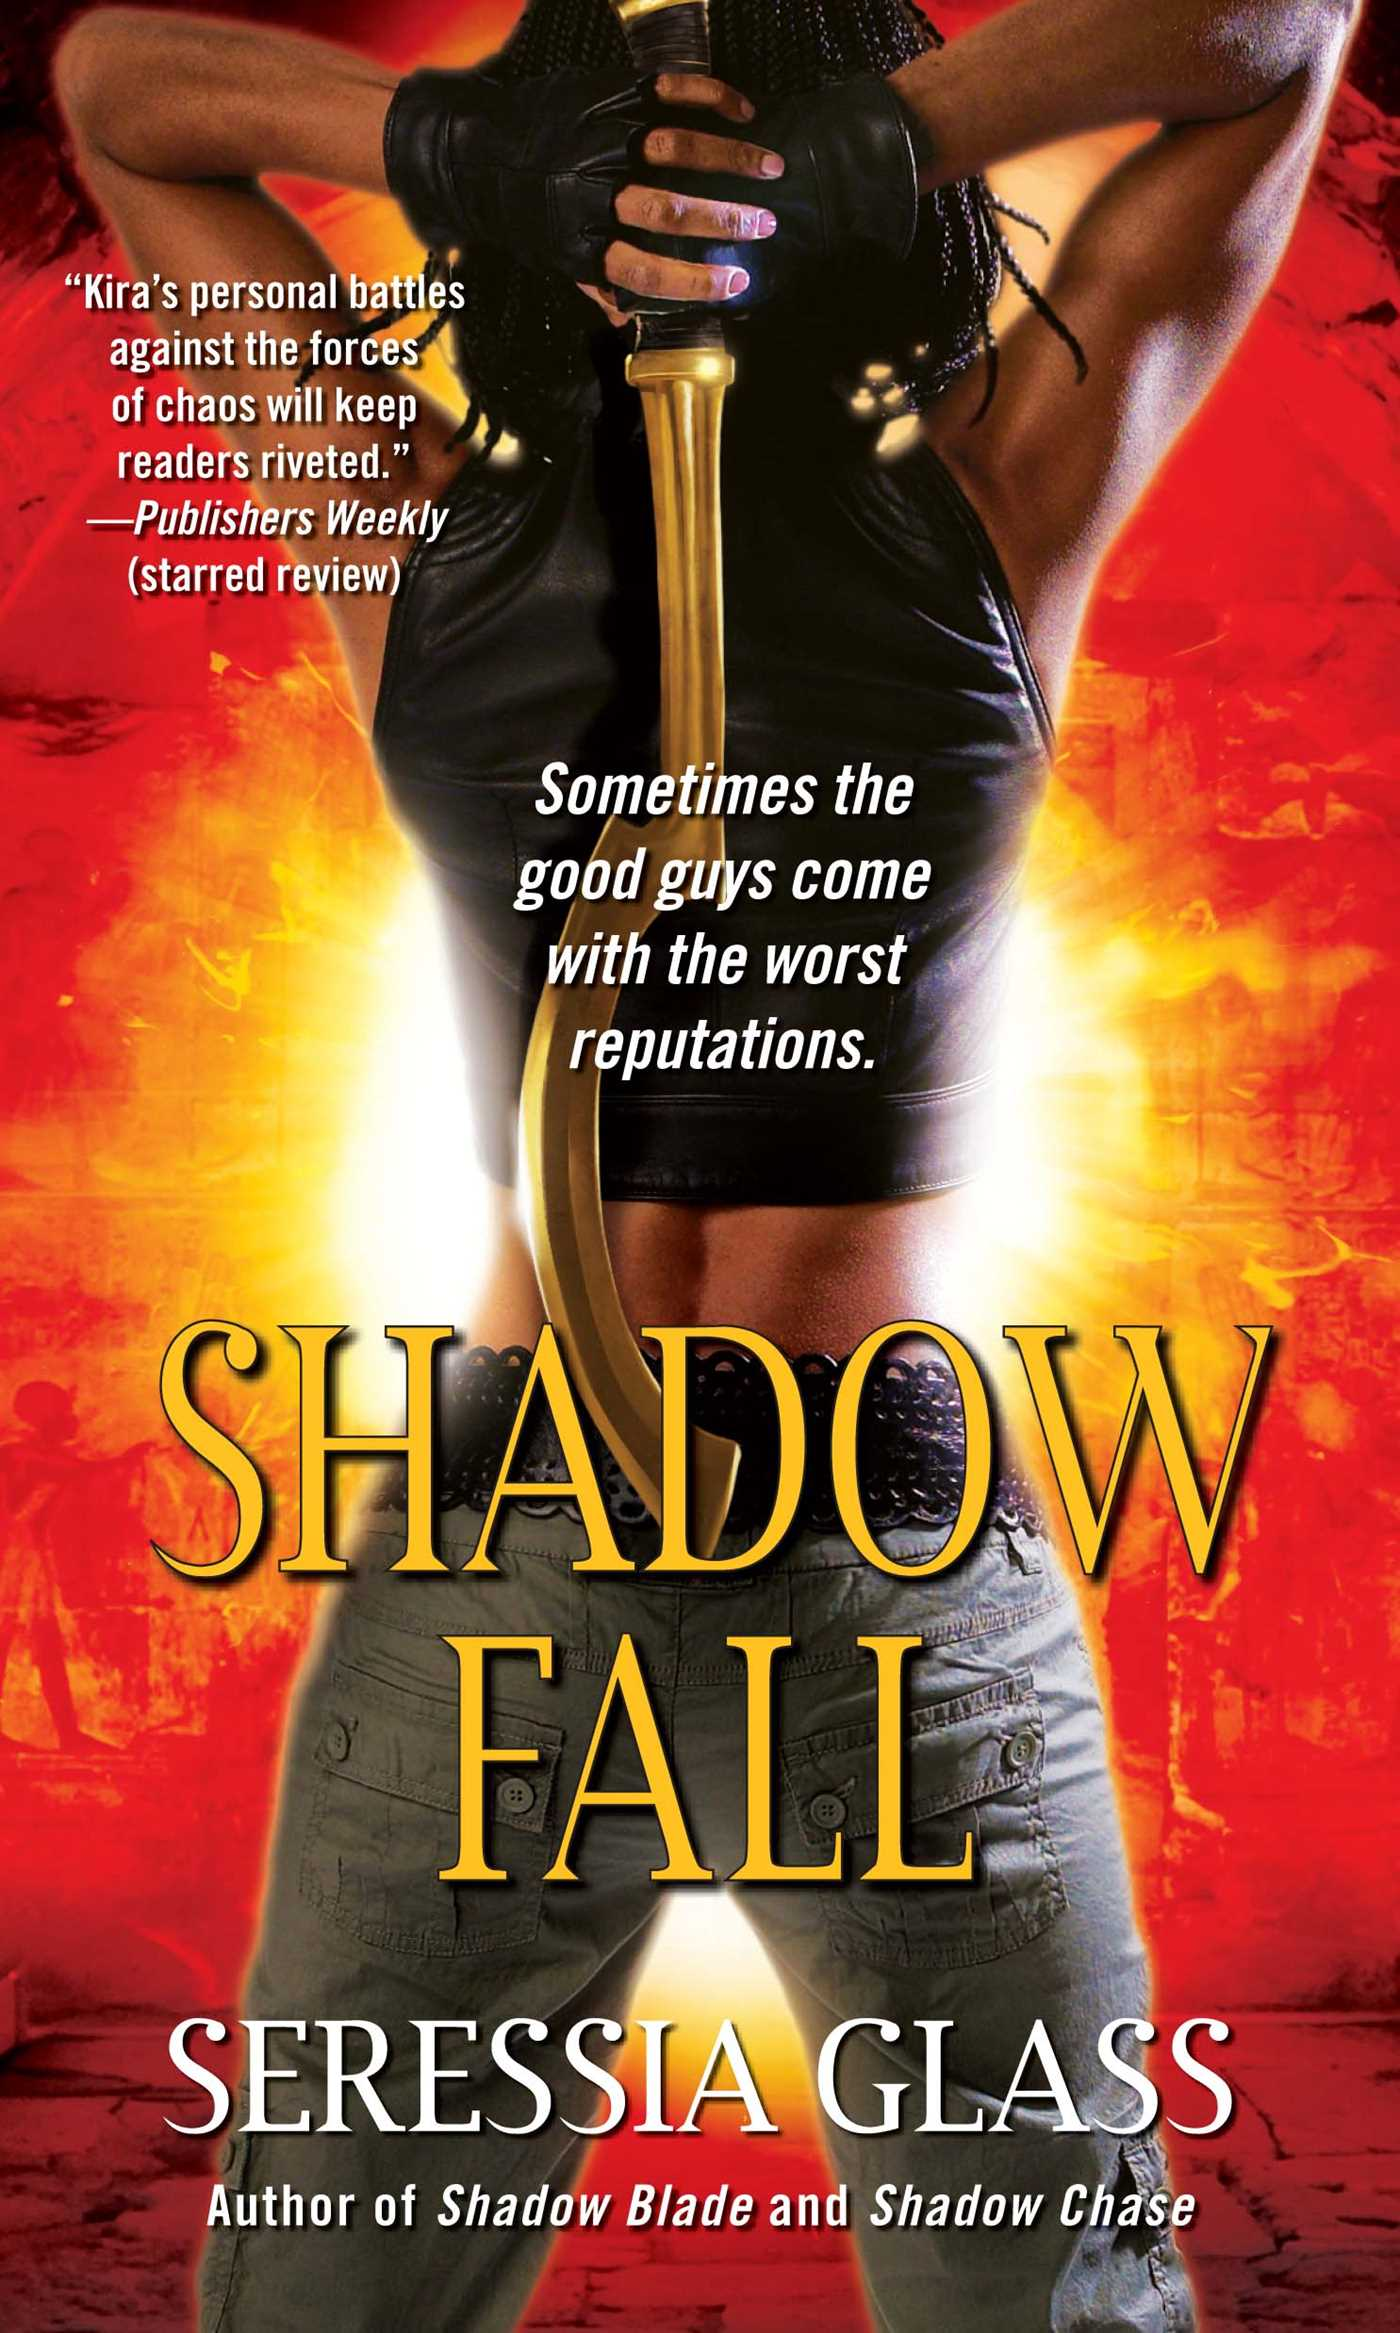 Shadow fall 9781439177068 hr